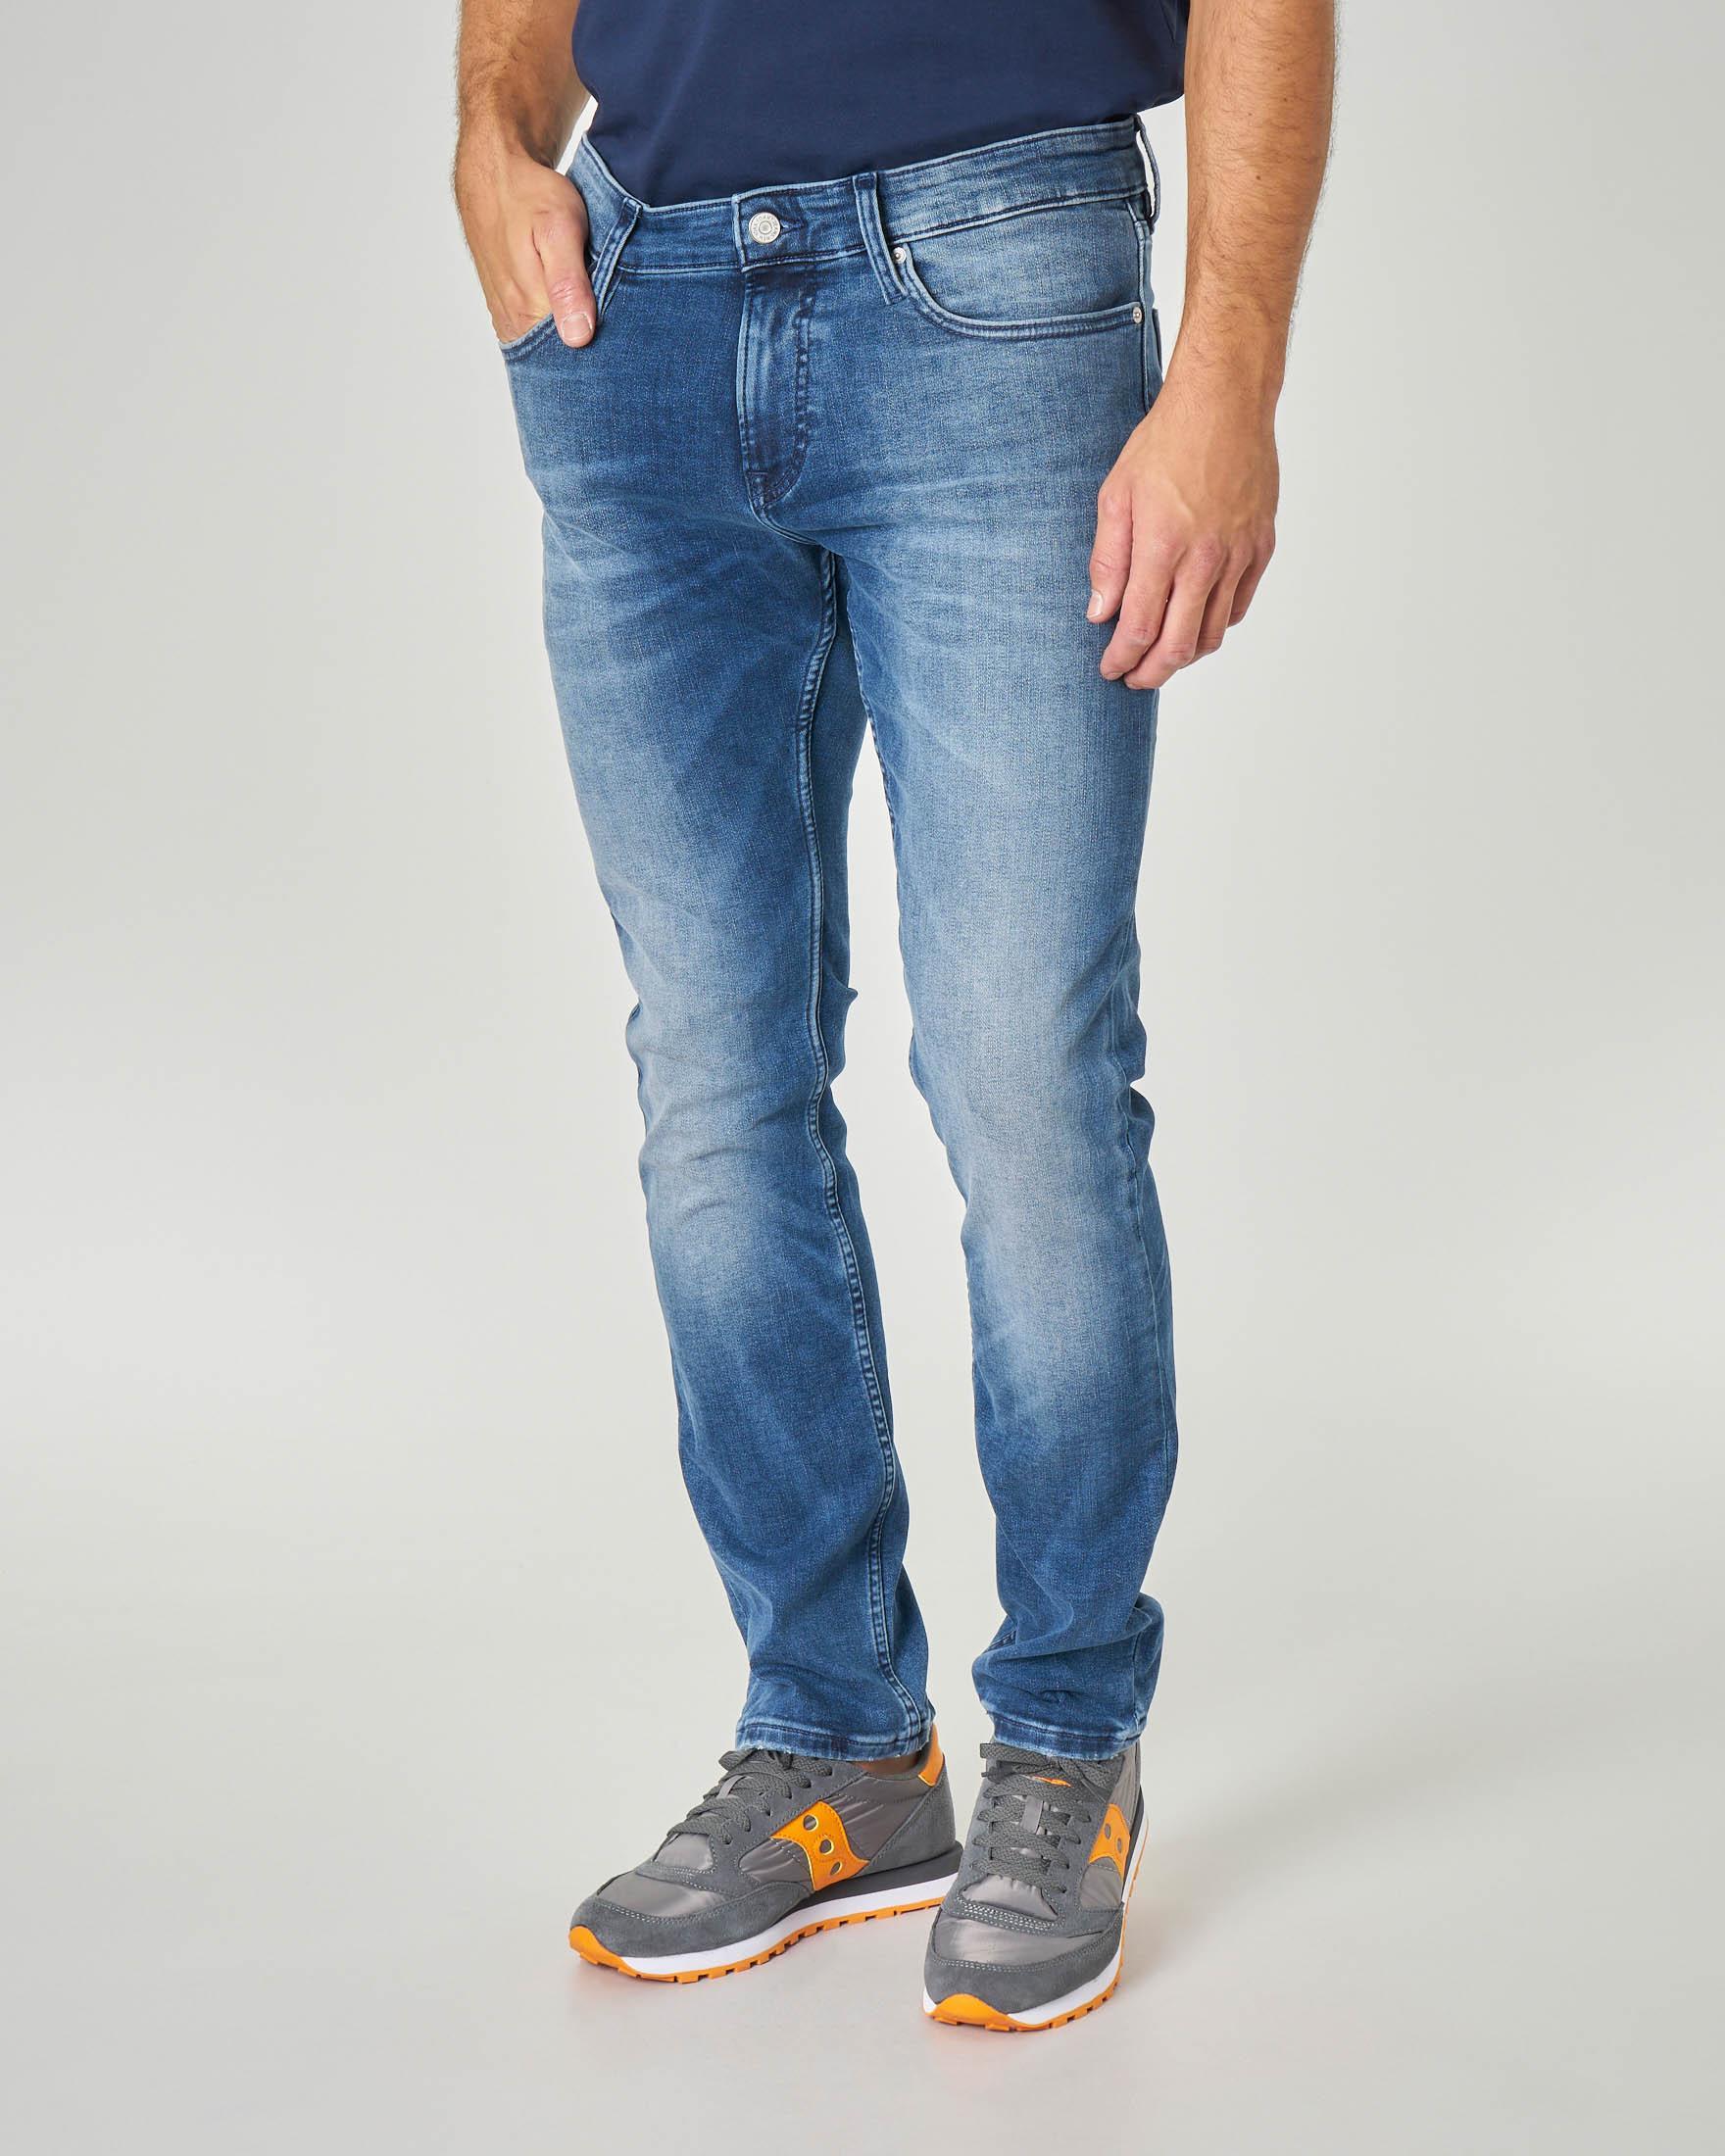 Jeans Scanton lavaggio super stone wash